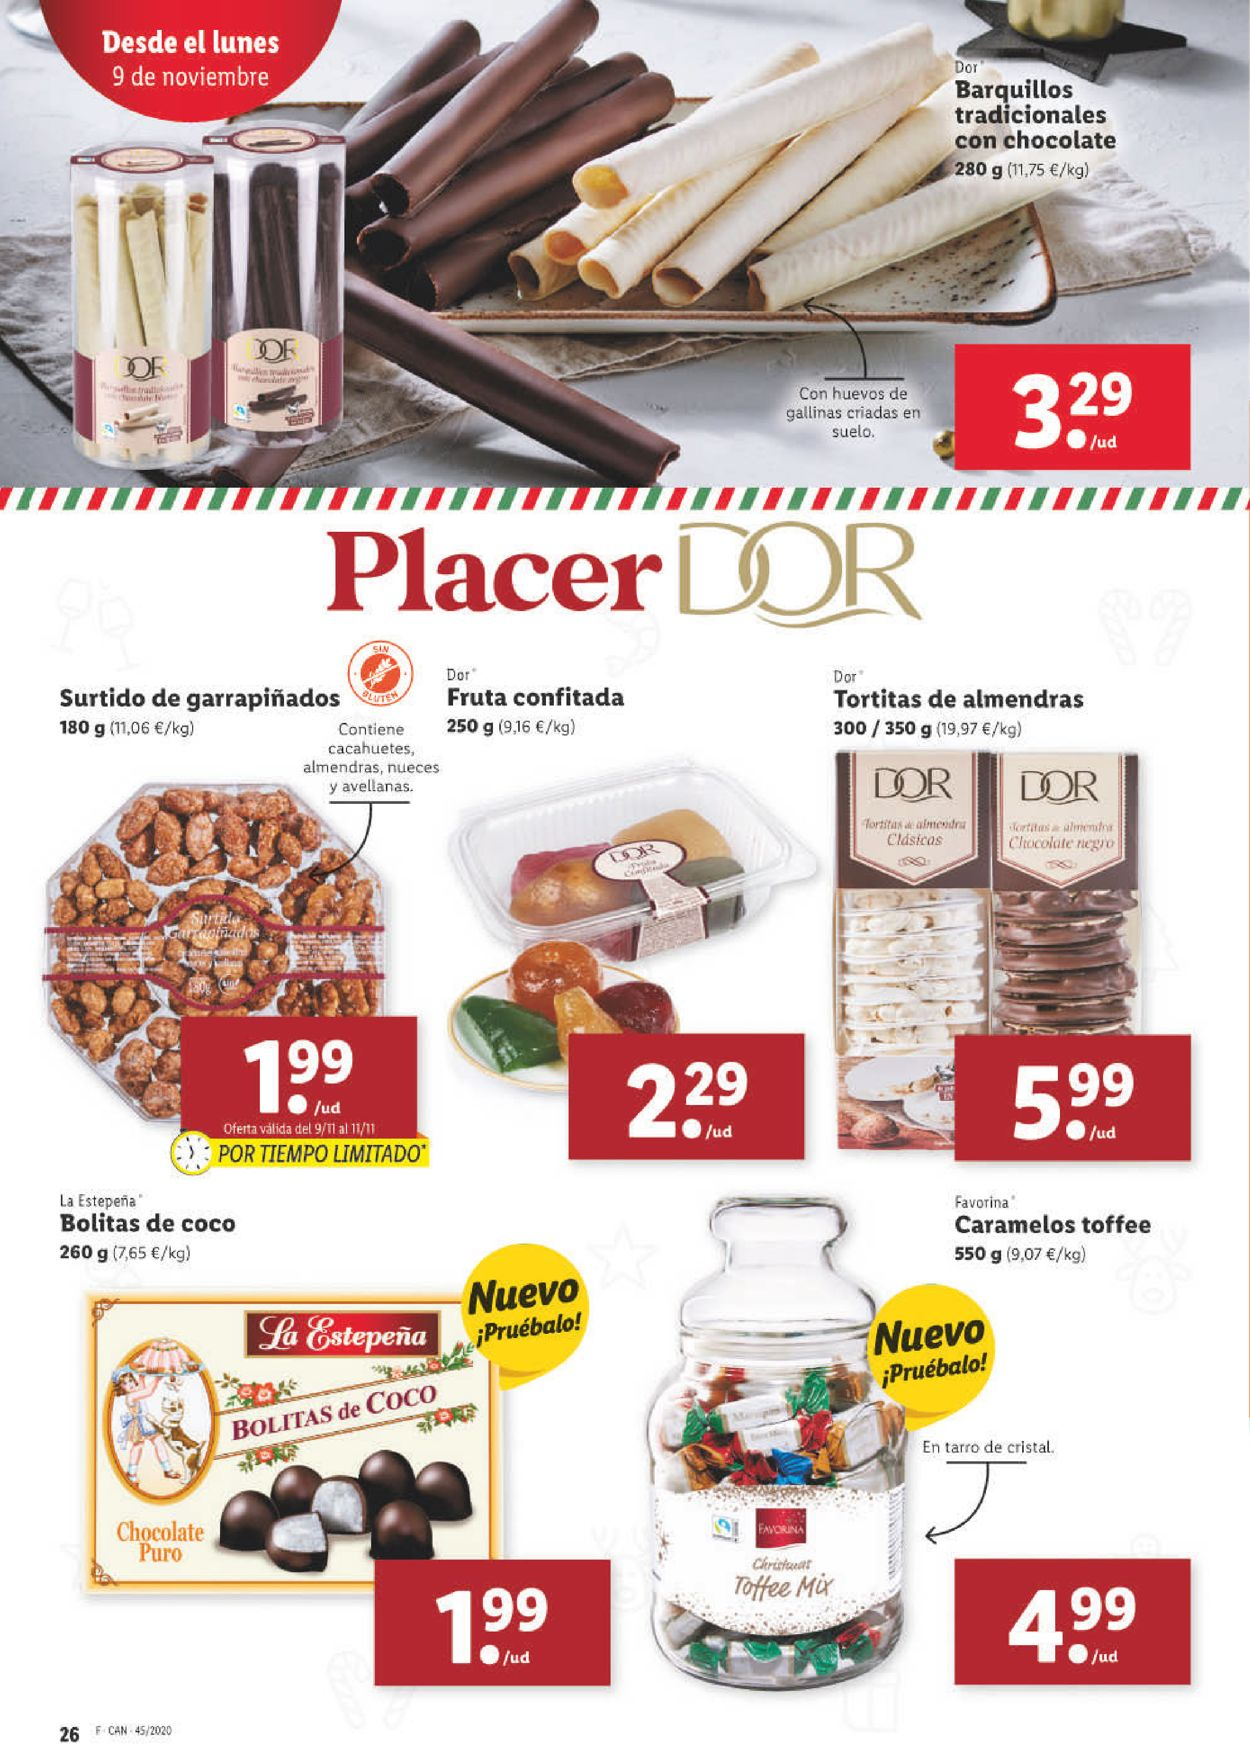 Lidl Folleto - 05.11-11.11.2020 (Página 26)